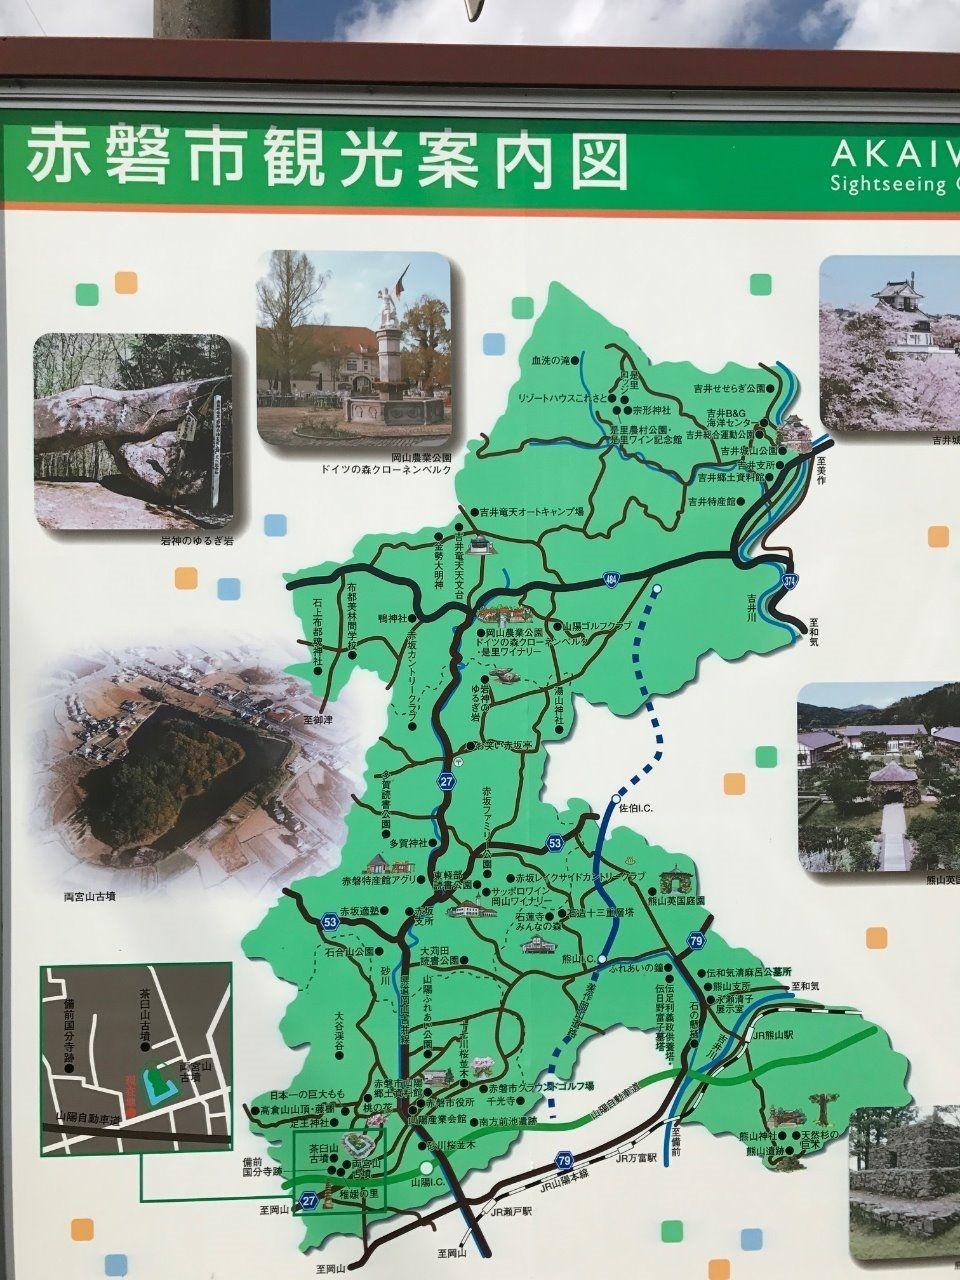 茶臼山古墳、備前国分寺跡など 史跡が点在している地域です